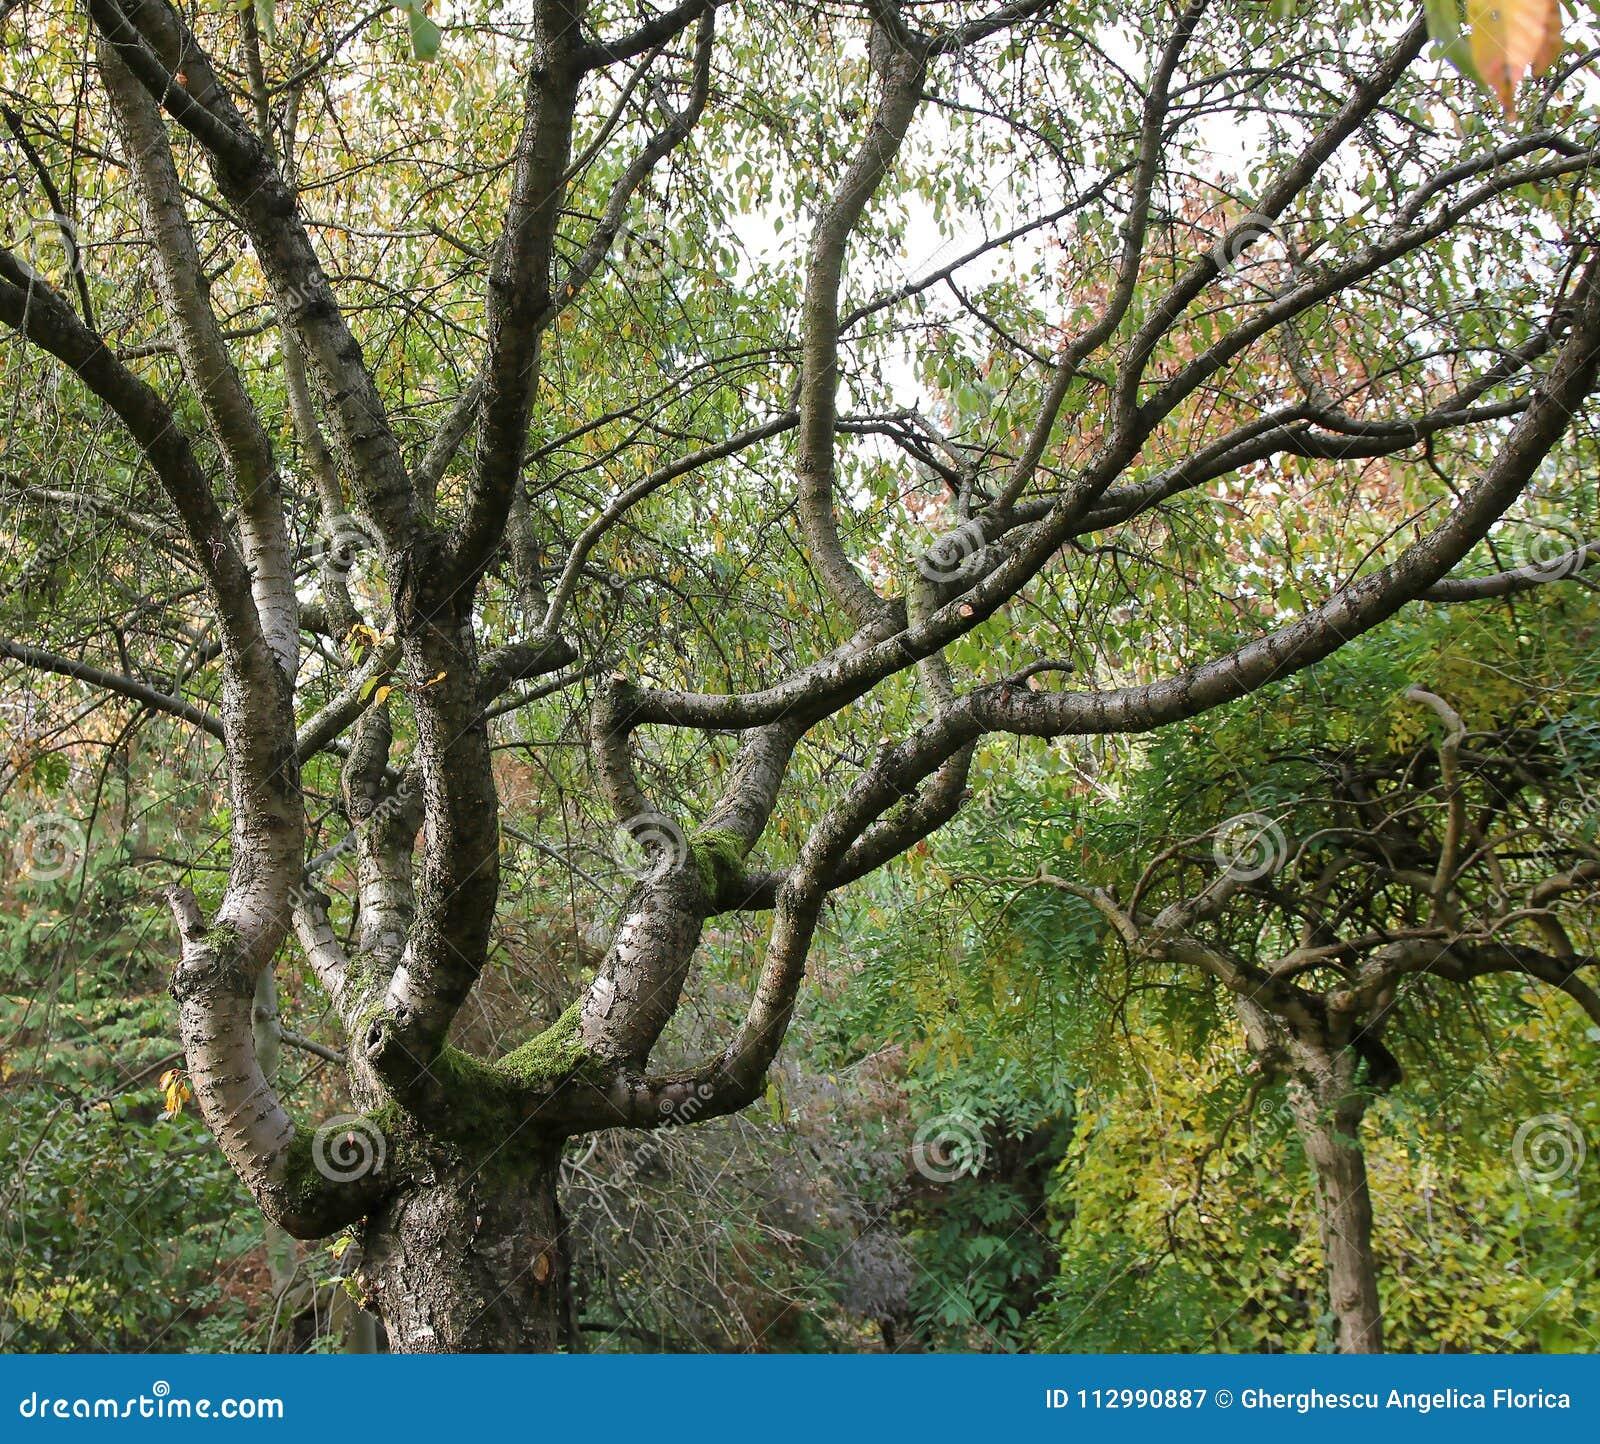 Old tree at botanical garden